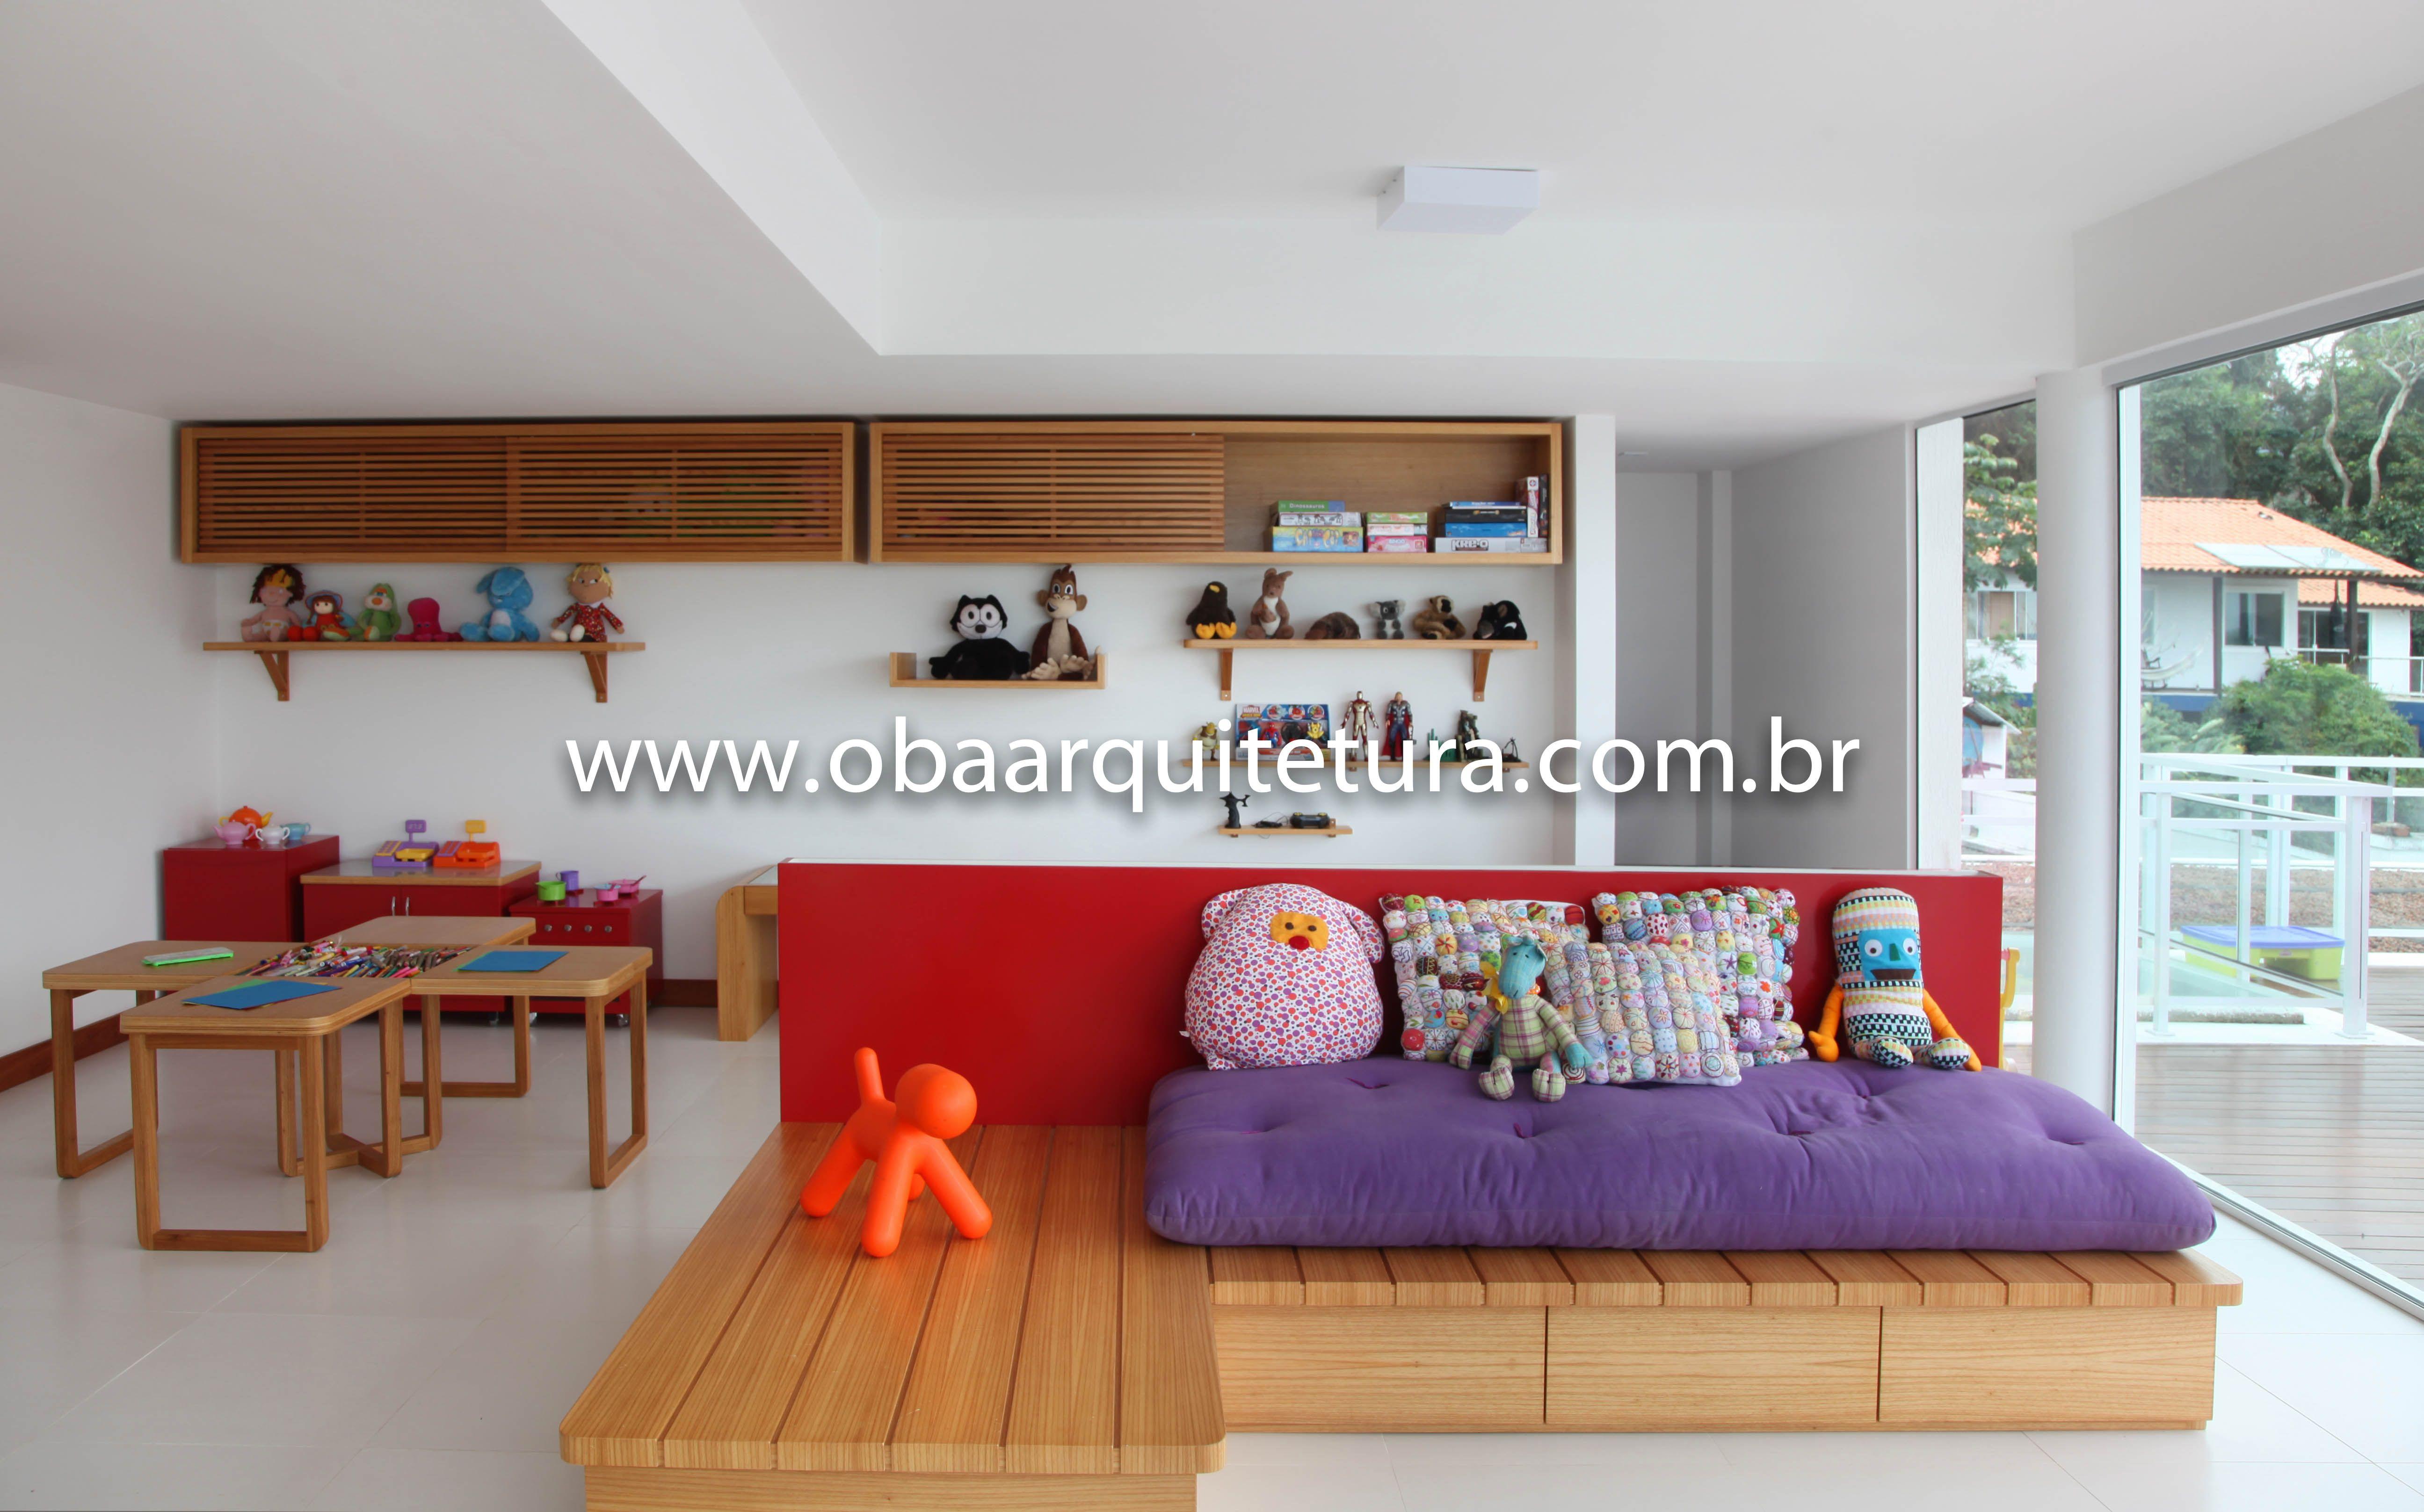 Brinquedoteca, Itacoatiara, RJ, Brasil www.obaarquitetura.com.br